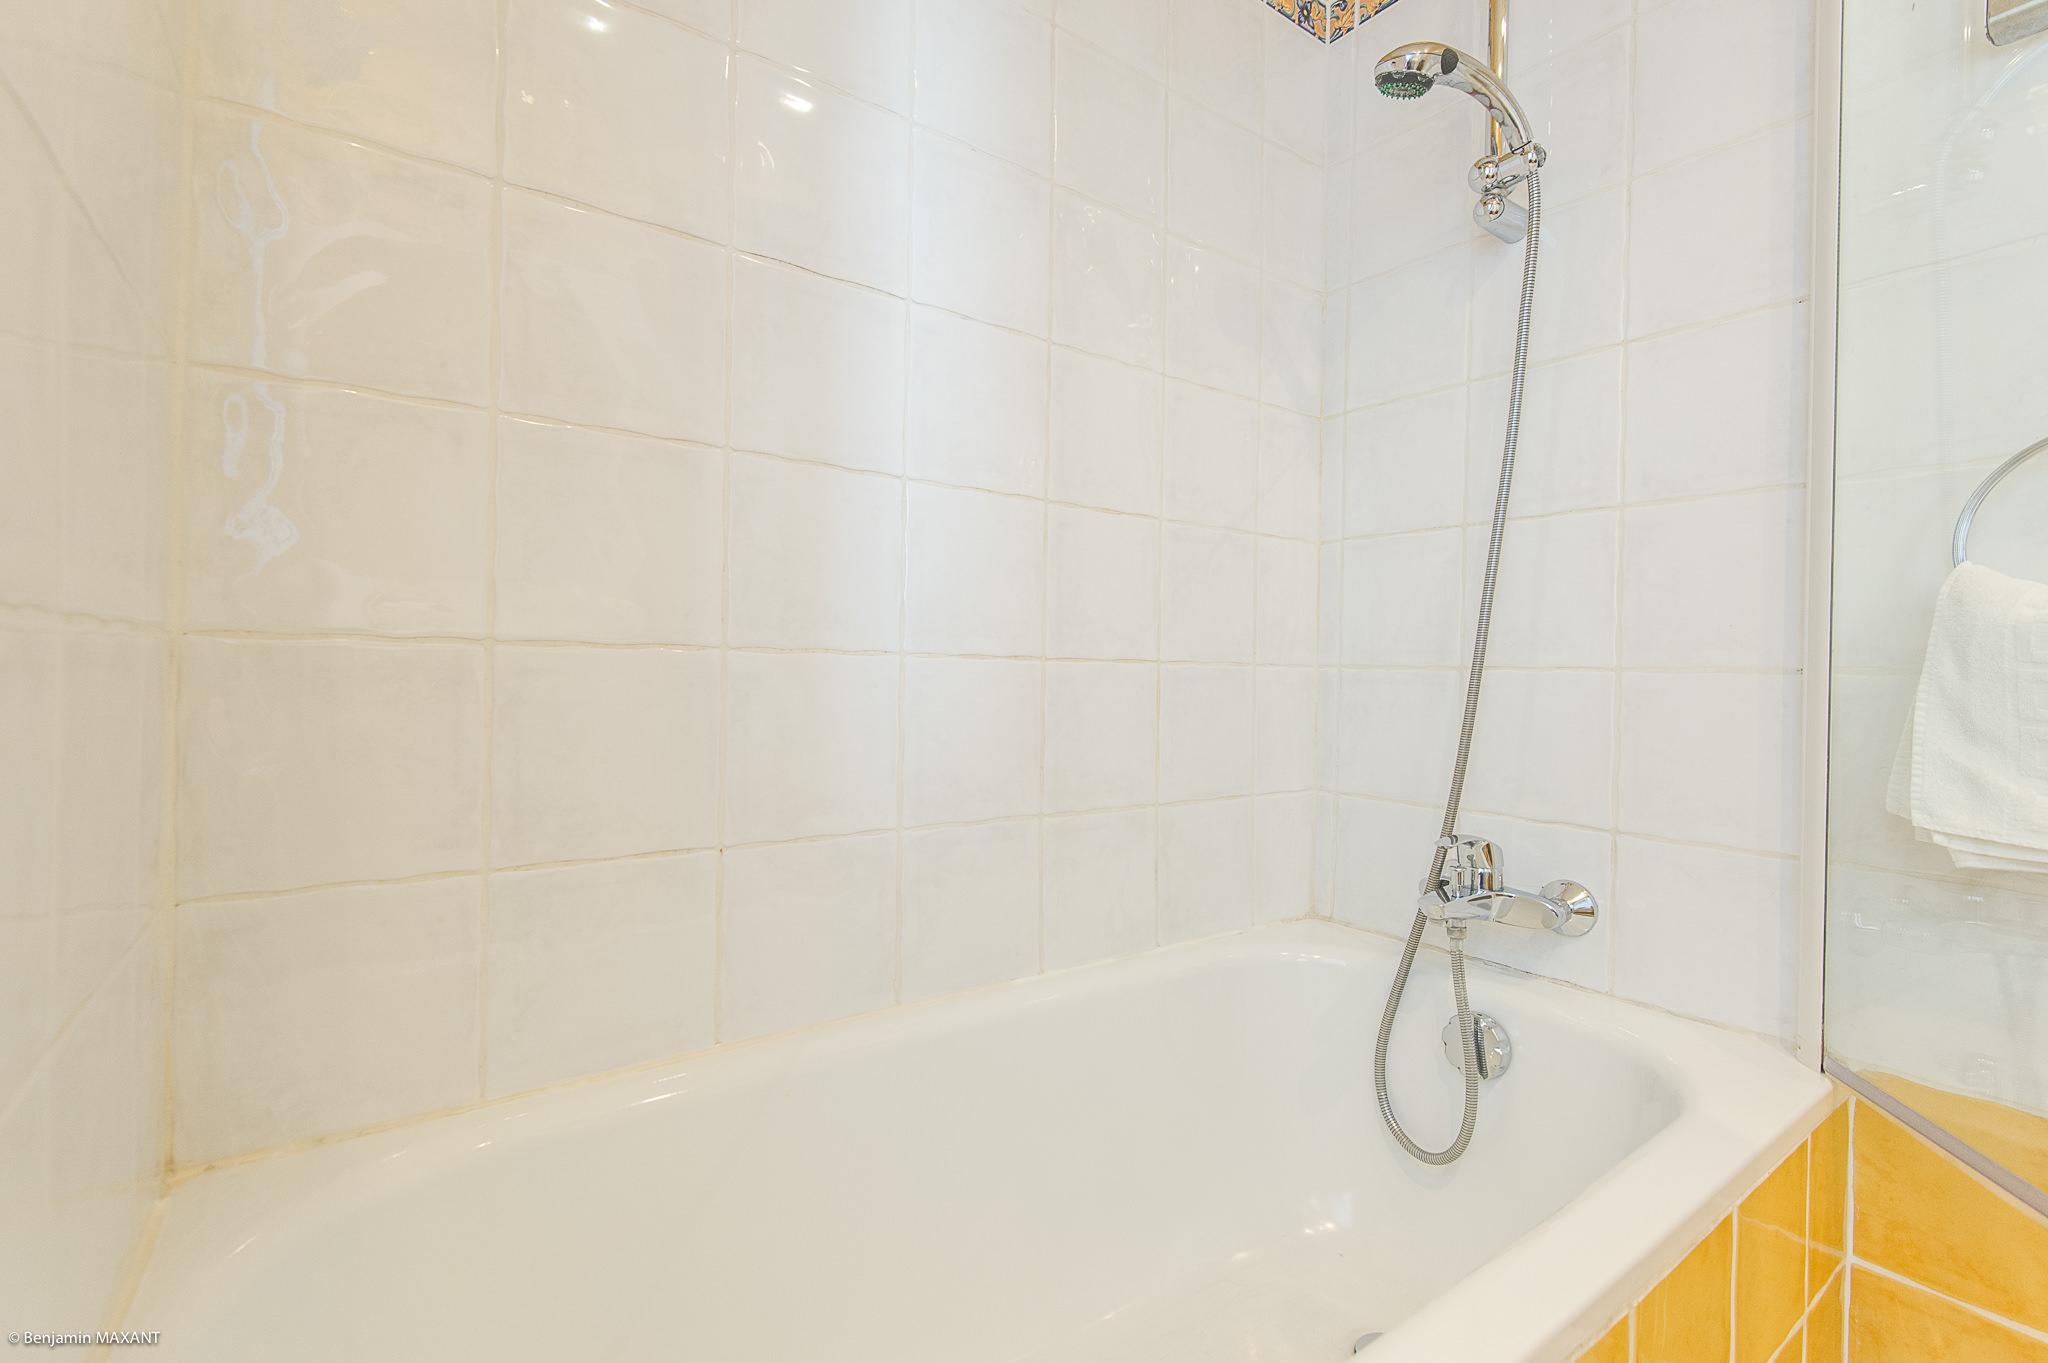 Reportage photo immobilier de l'Hôtel Les Orangers à Cannes - salle de bain de la chambre twin